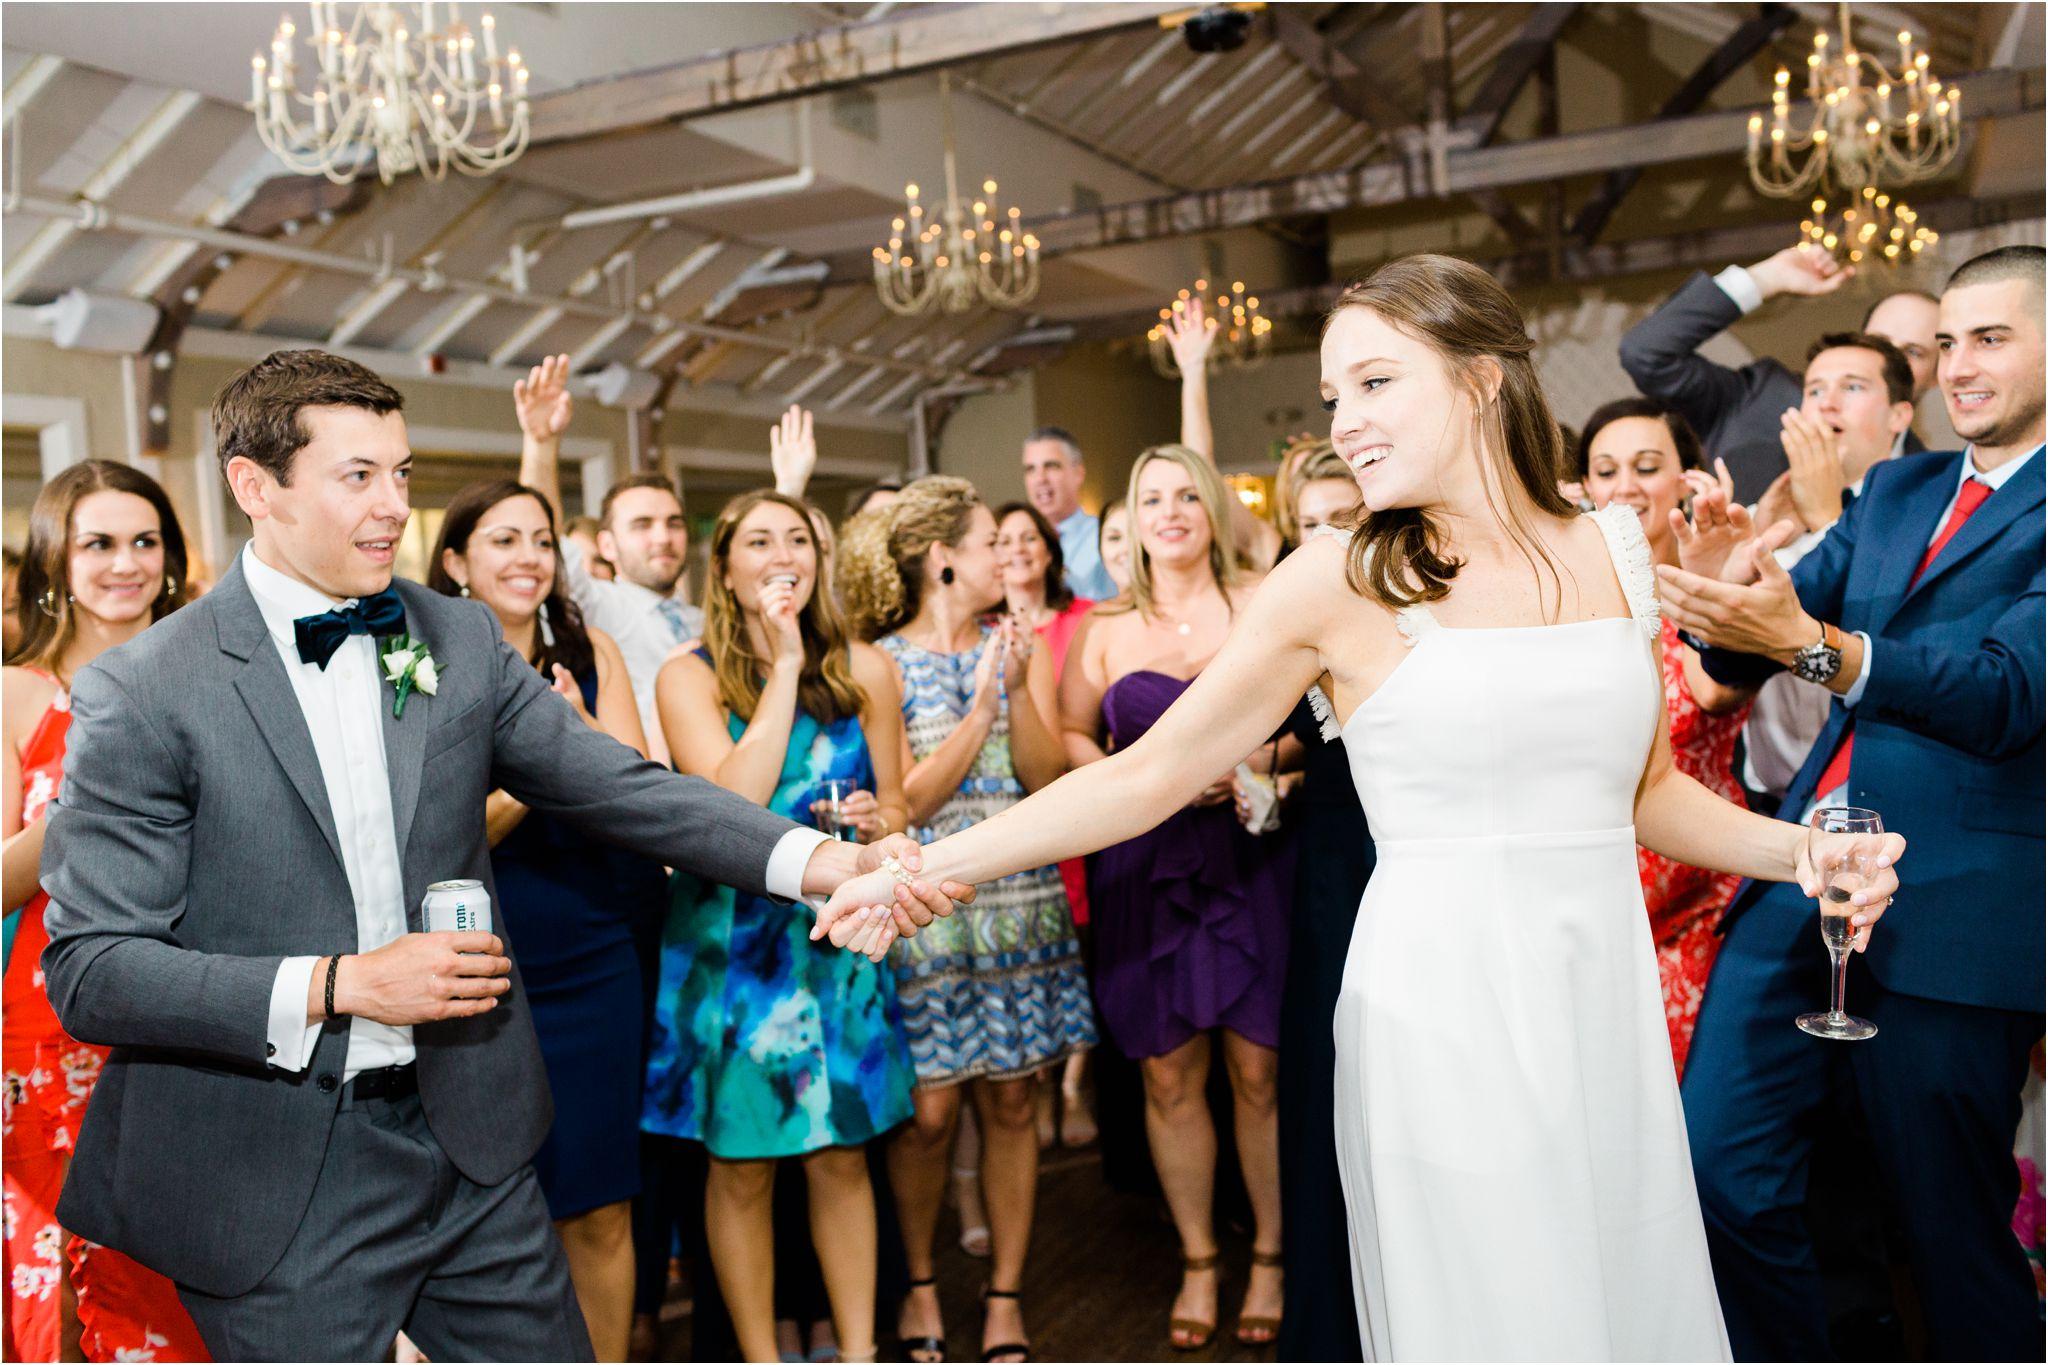 wianno-club-wedding-photos_00090.JPG